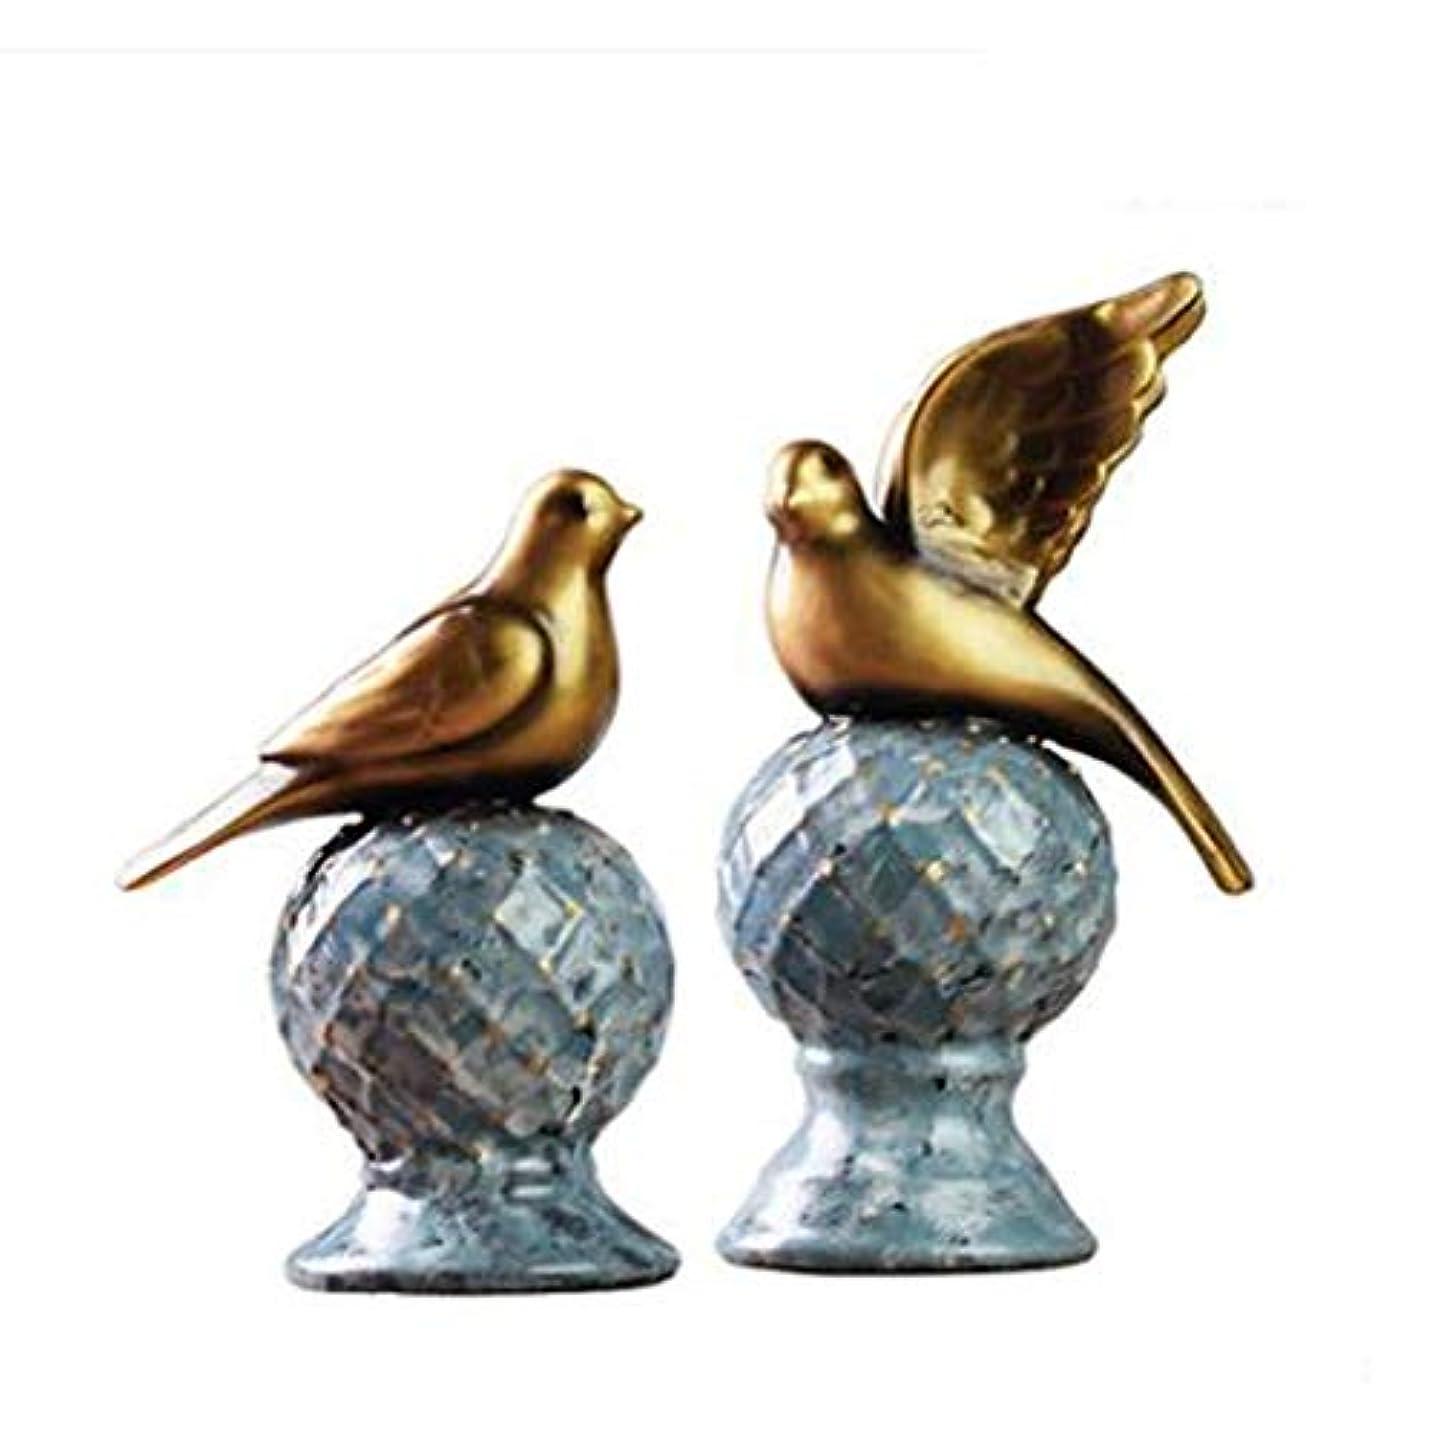 逃げる公然と報酬のKaiyitong01 装飾品、装飾品、現代ヨーロッパの居間、ポーチ、樹脂工芸品、アメリカのテレビキャビネット、鳥の陳列,絶妙なファッション (Color : Gold)